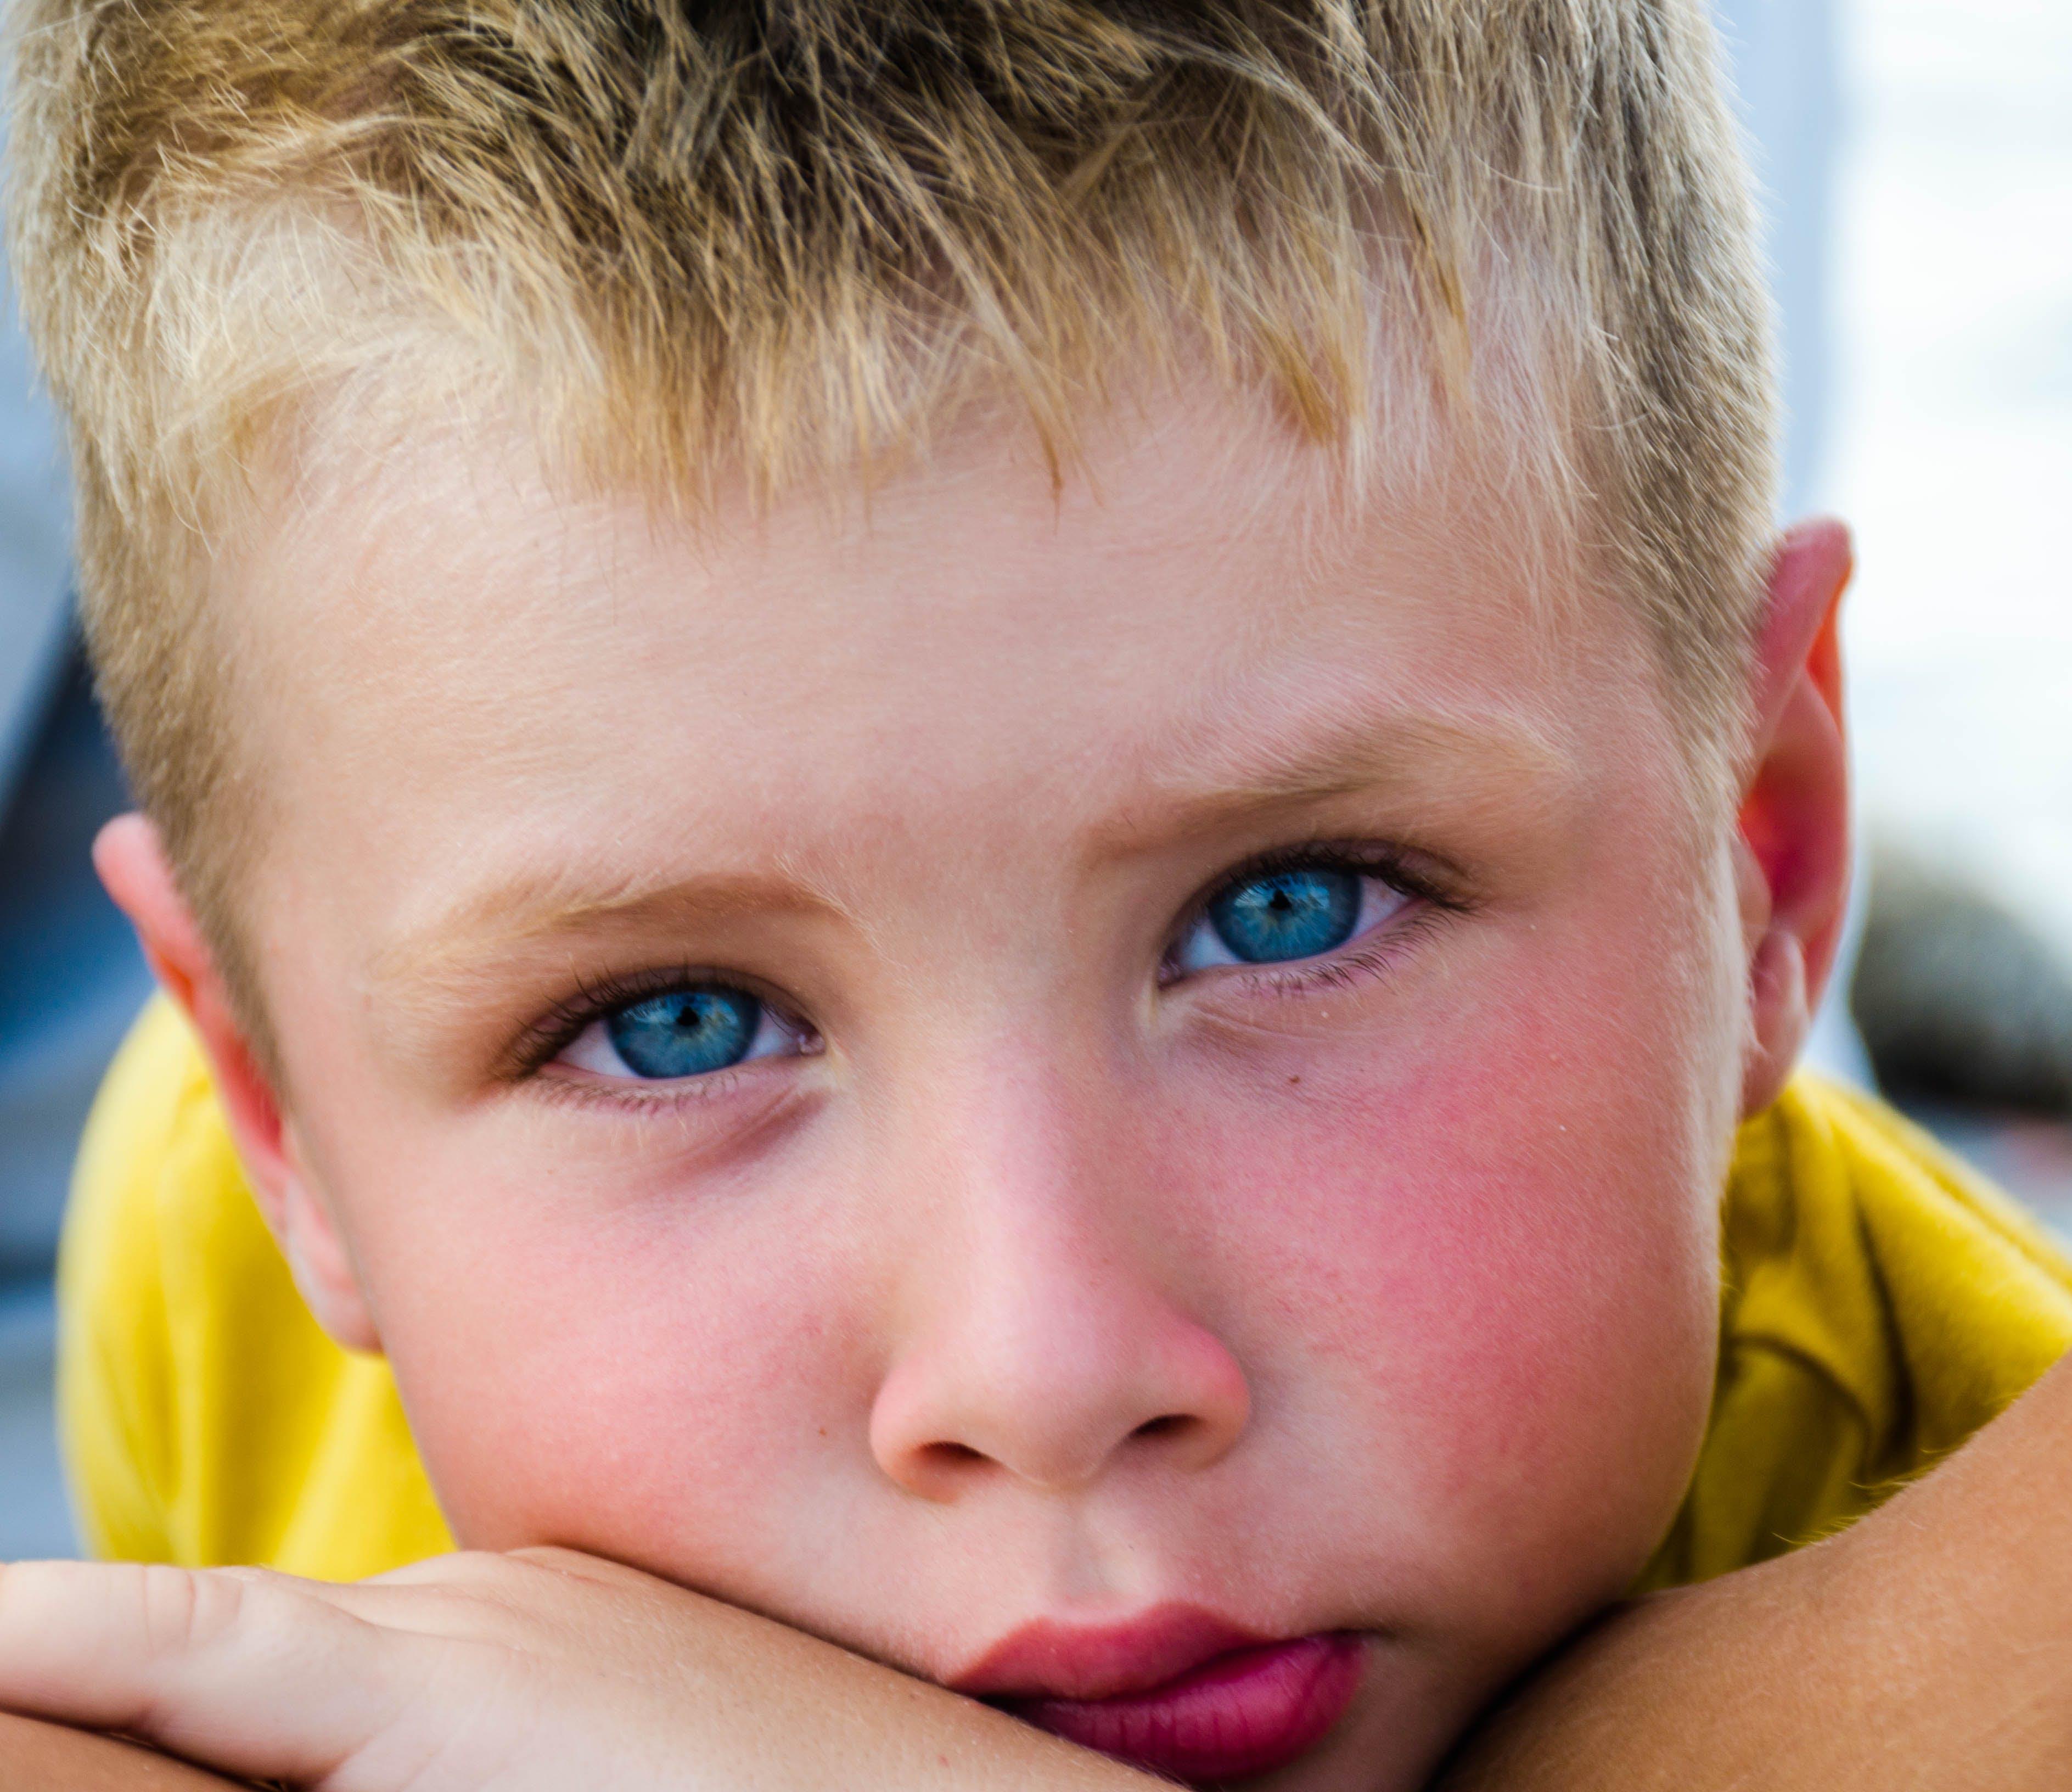 คลังภาพถ่ายฟรี ของ คน, ดวงตา, ตาสีฟ้า, น่ารัก